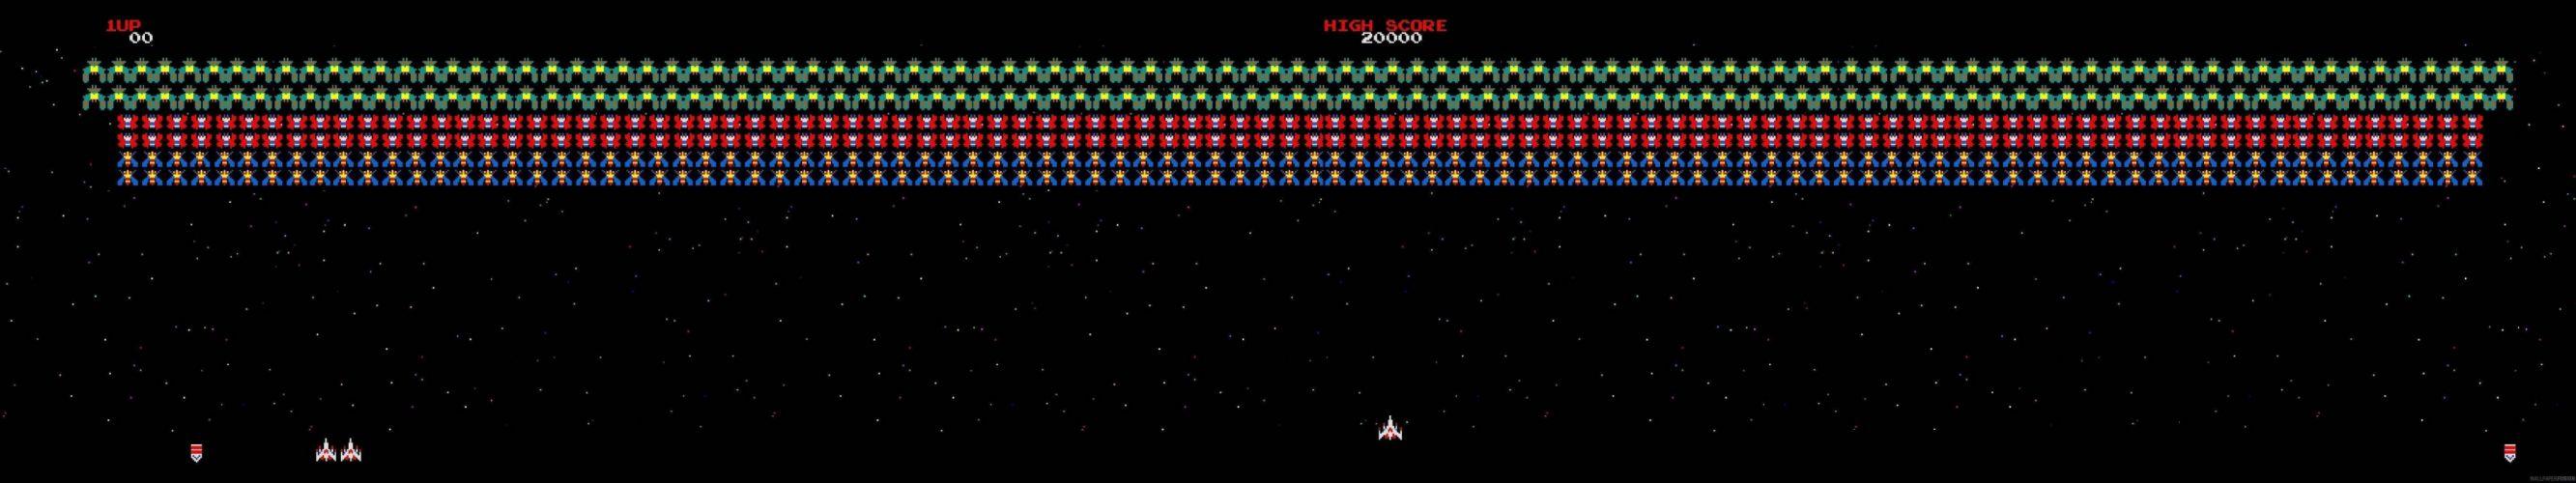 GALAGA sci-fi arcade shooter spaceship action atari wallpaper